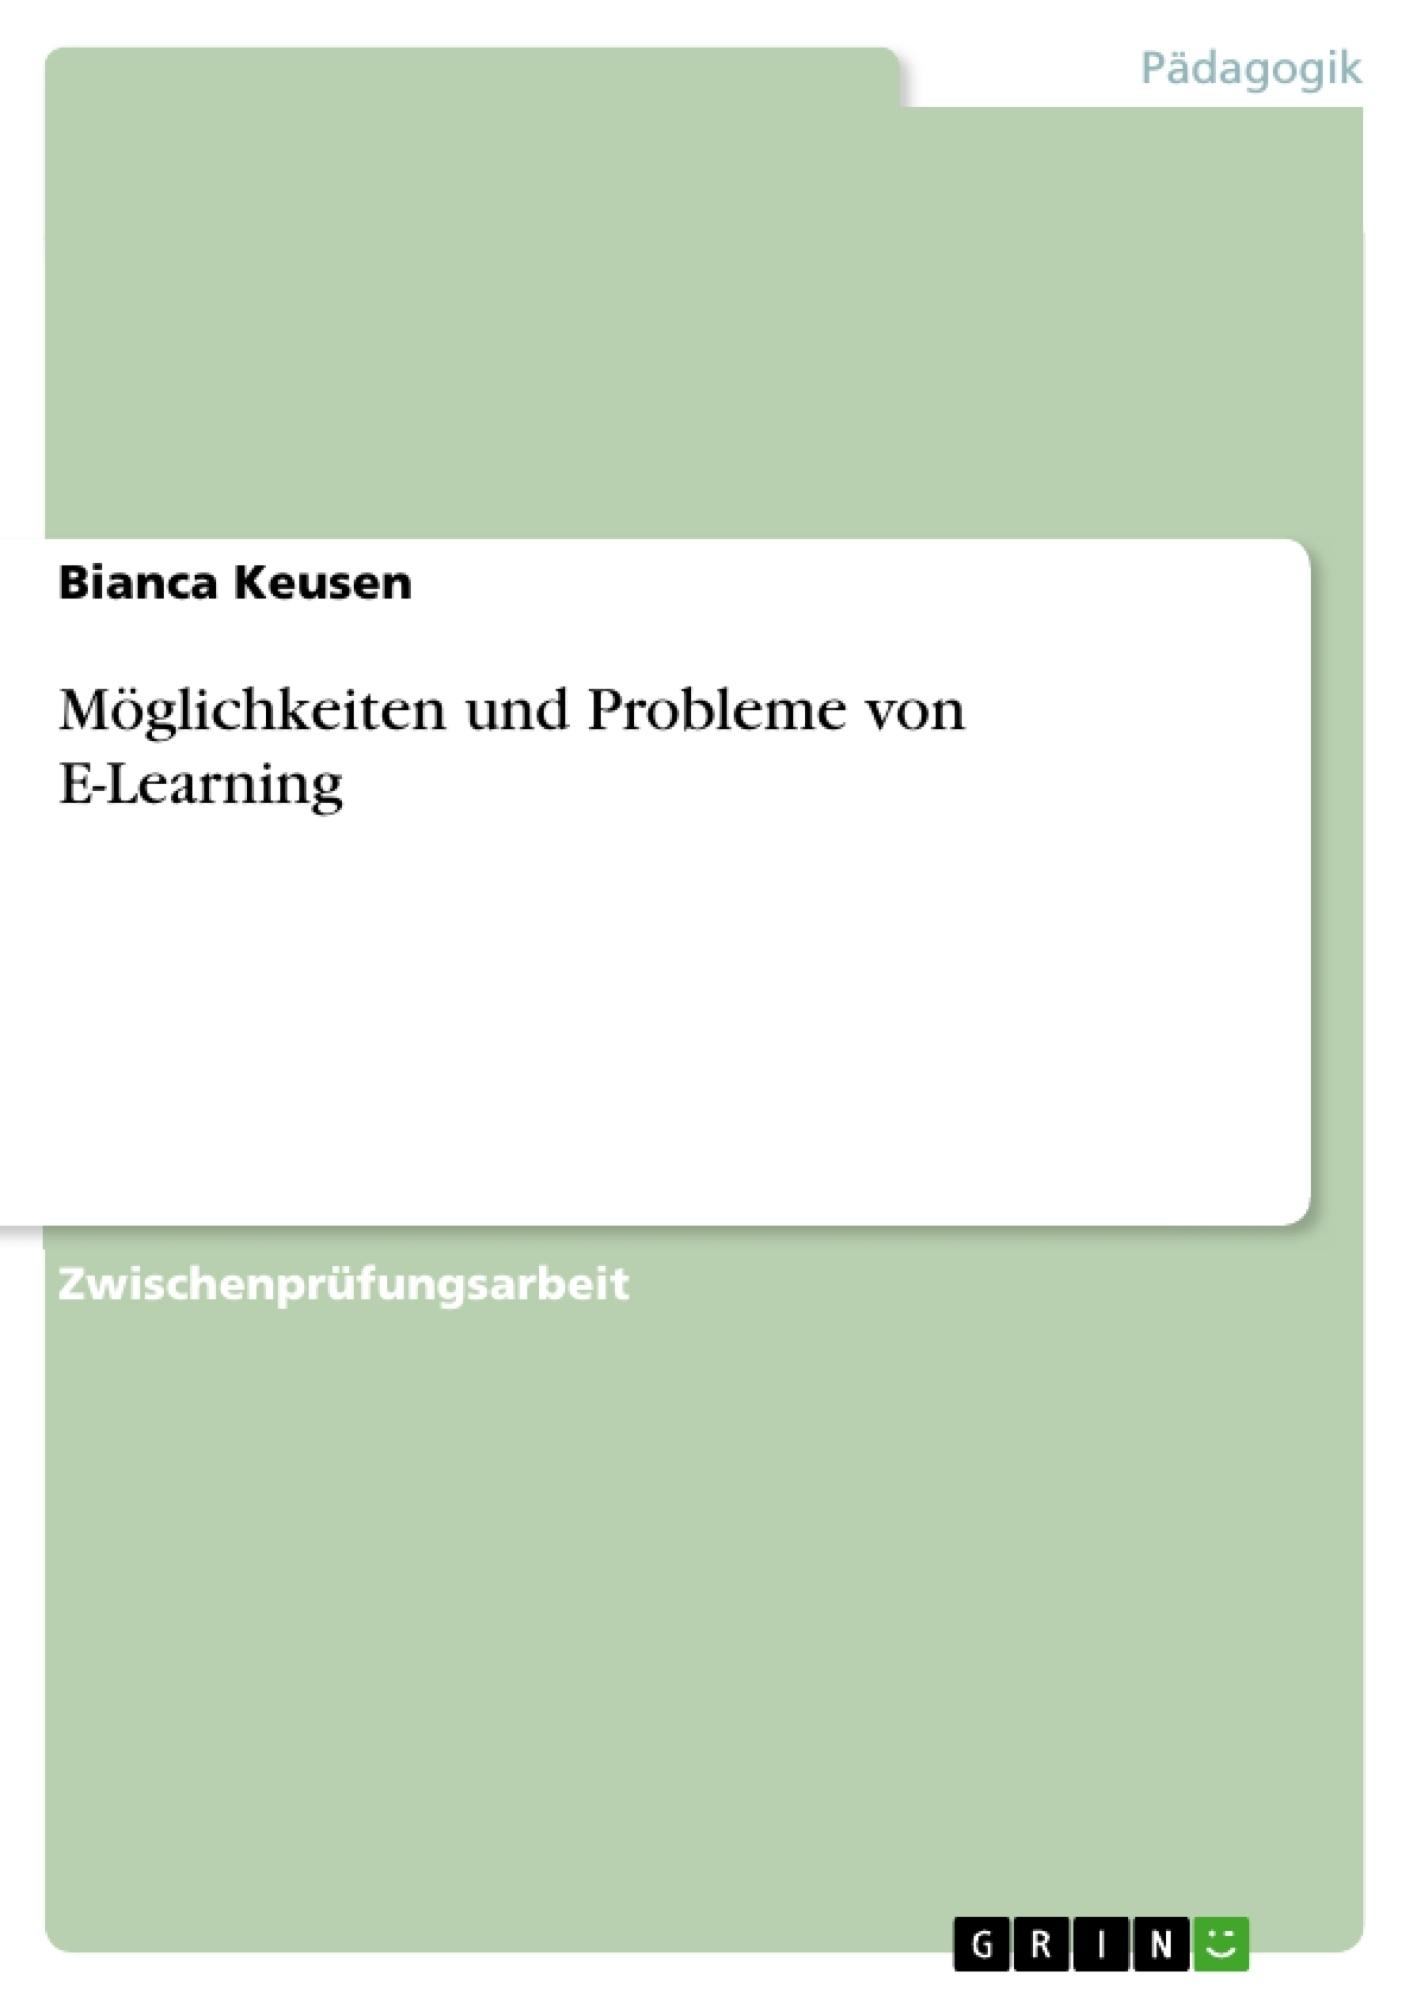 Titel: Möglichkeiten und Probleme von E-Learning